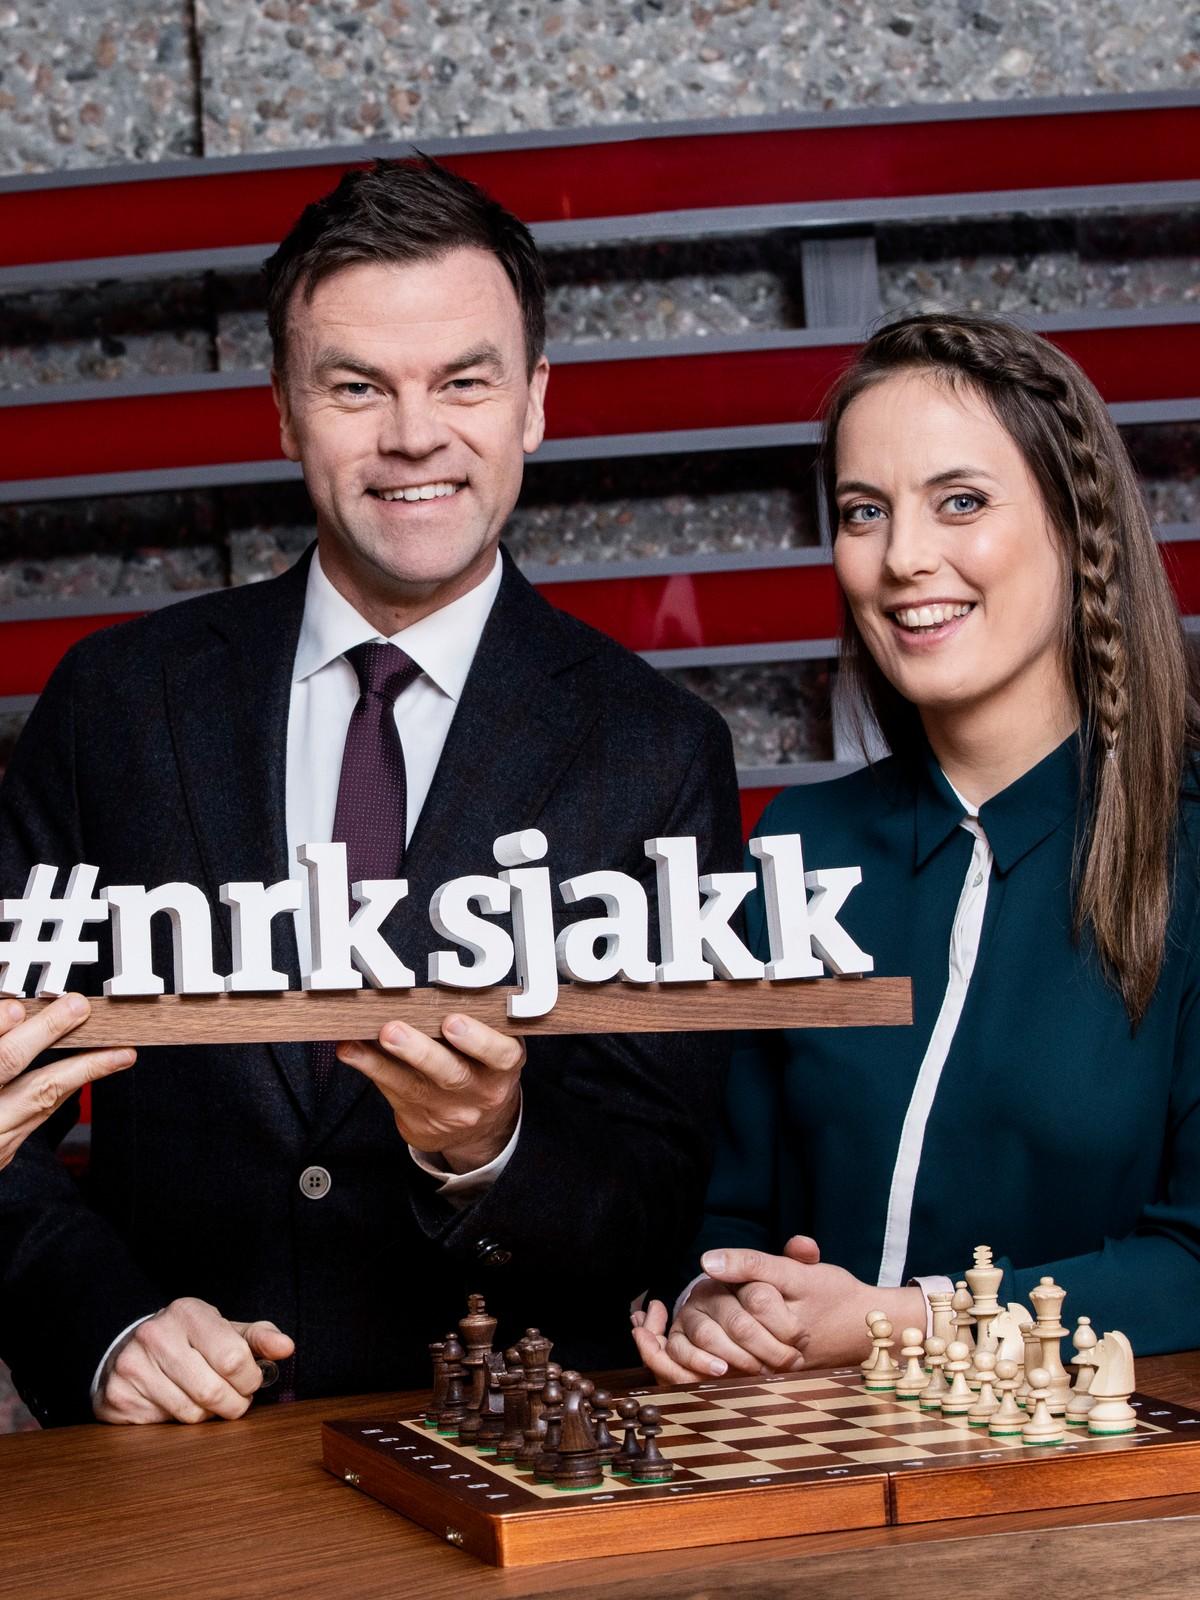 Folg Vm I Fischersjakk 2019 Nrk Om Nrk